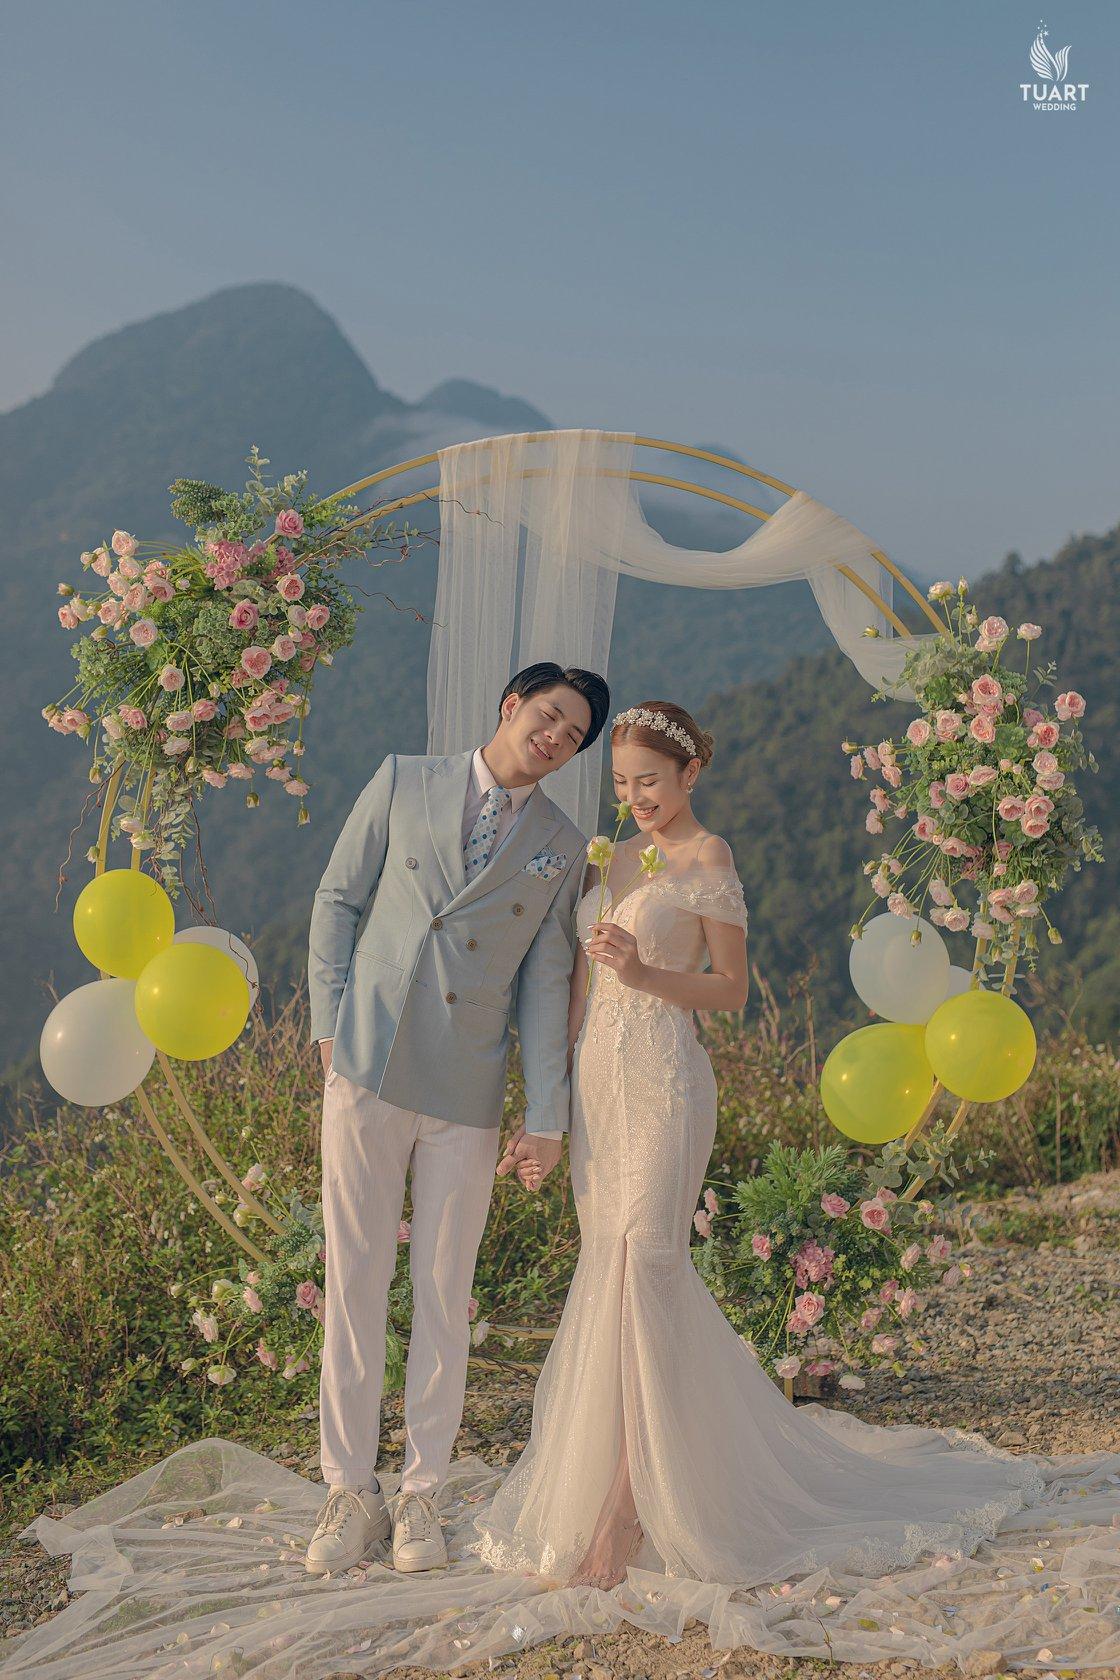 Album tại TuArt - Album chụp ảnh cưới đẹp phong cách Hàn Quốc 80